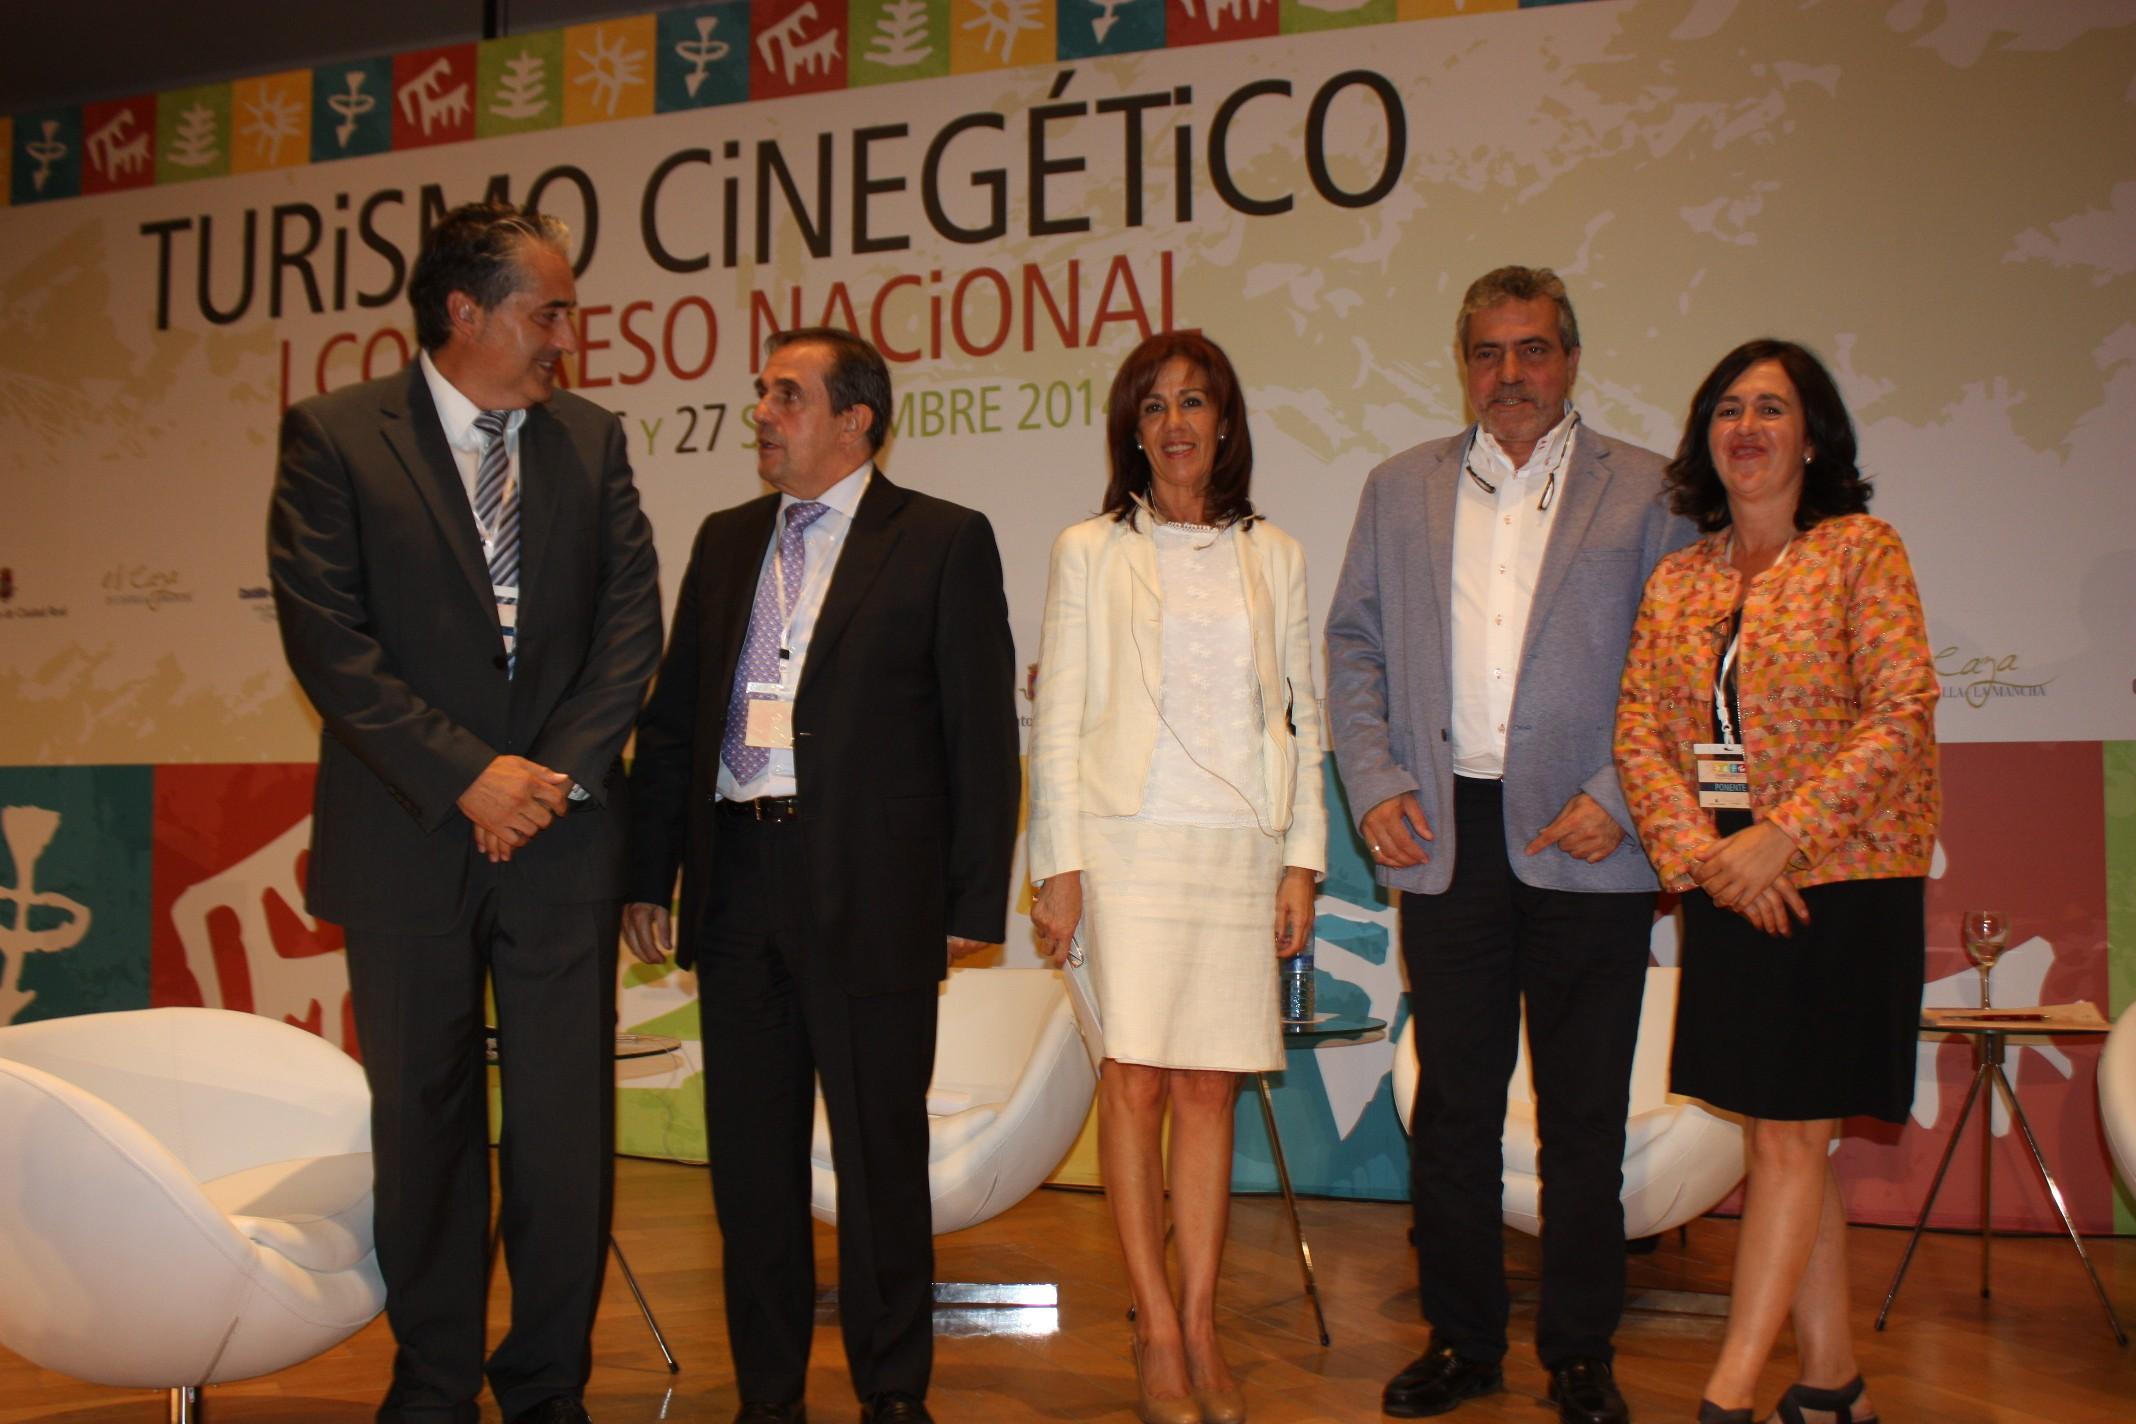 mesa redonda turismo, ponentes y moderadora